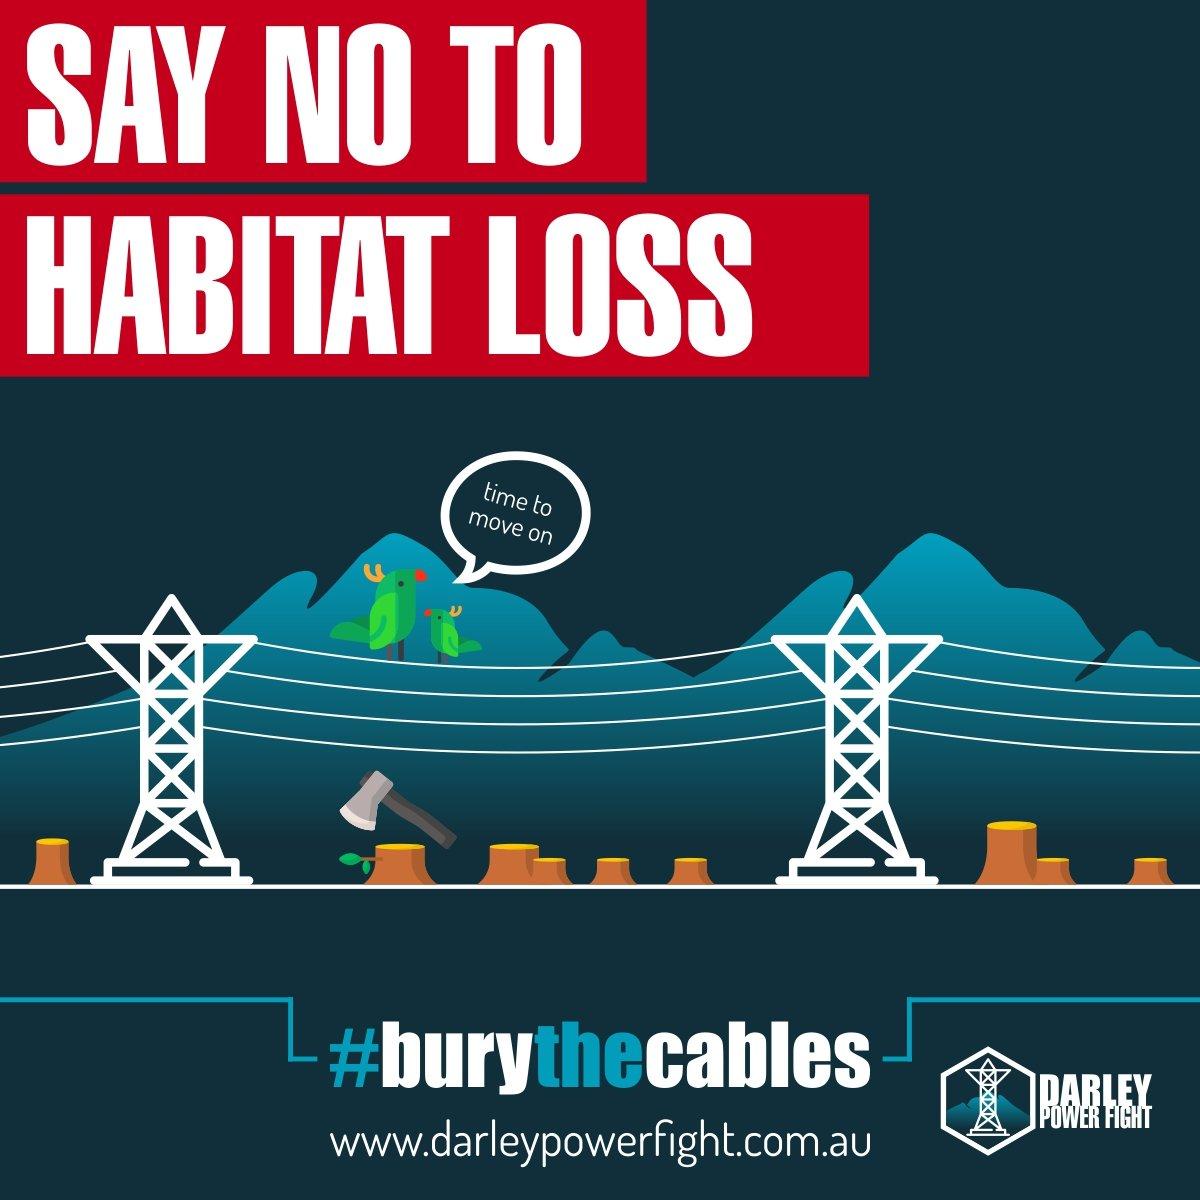 Habitat Loss Darley Power Fight